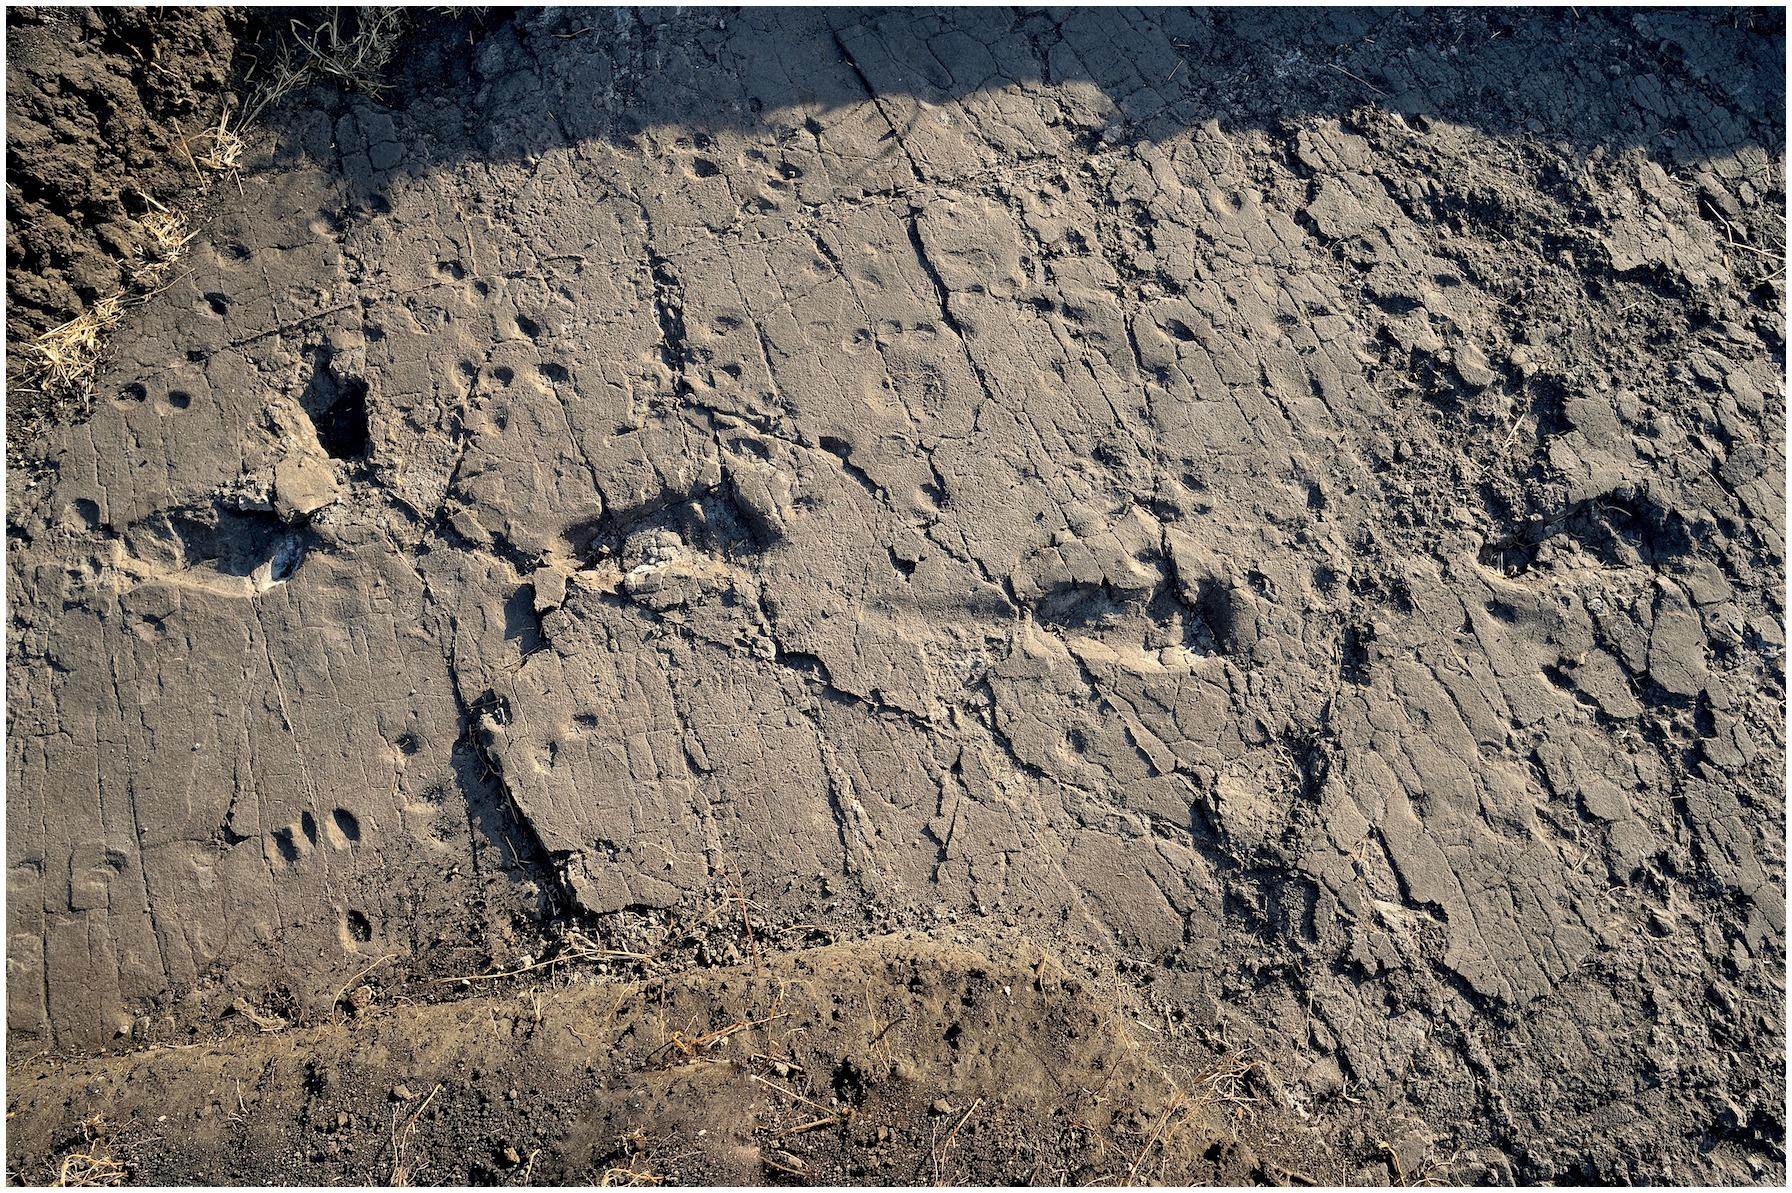 Los 10 hallazgos arqueológicos más importantes de 2016 según National Geographic